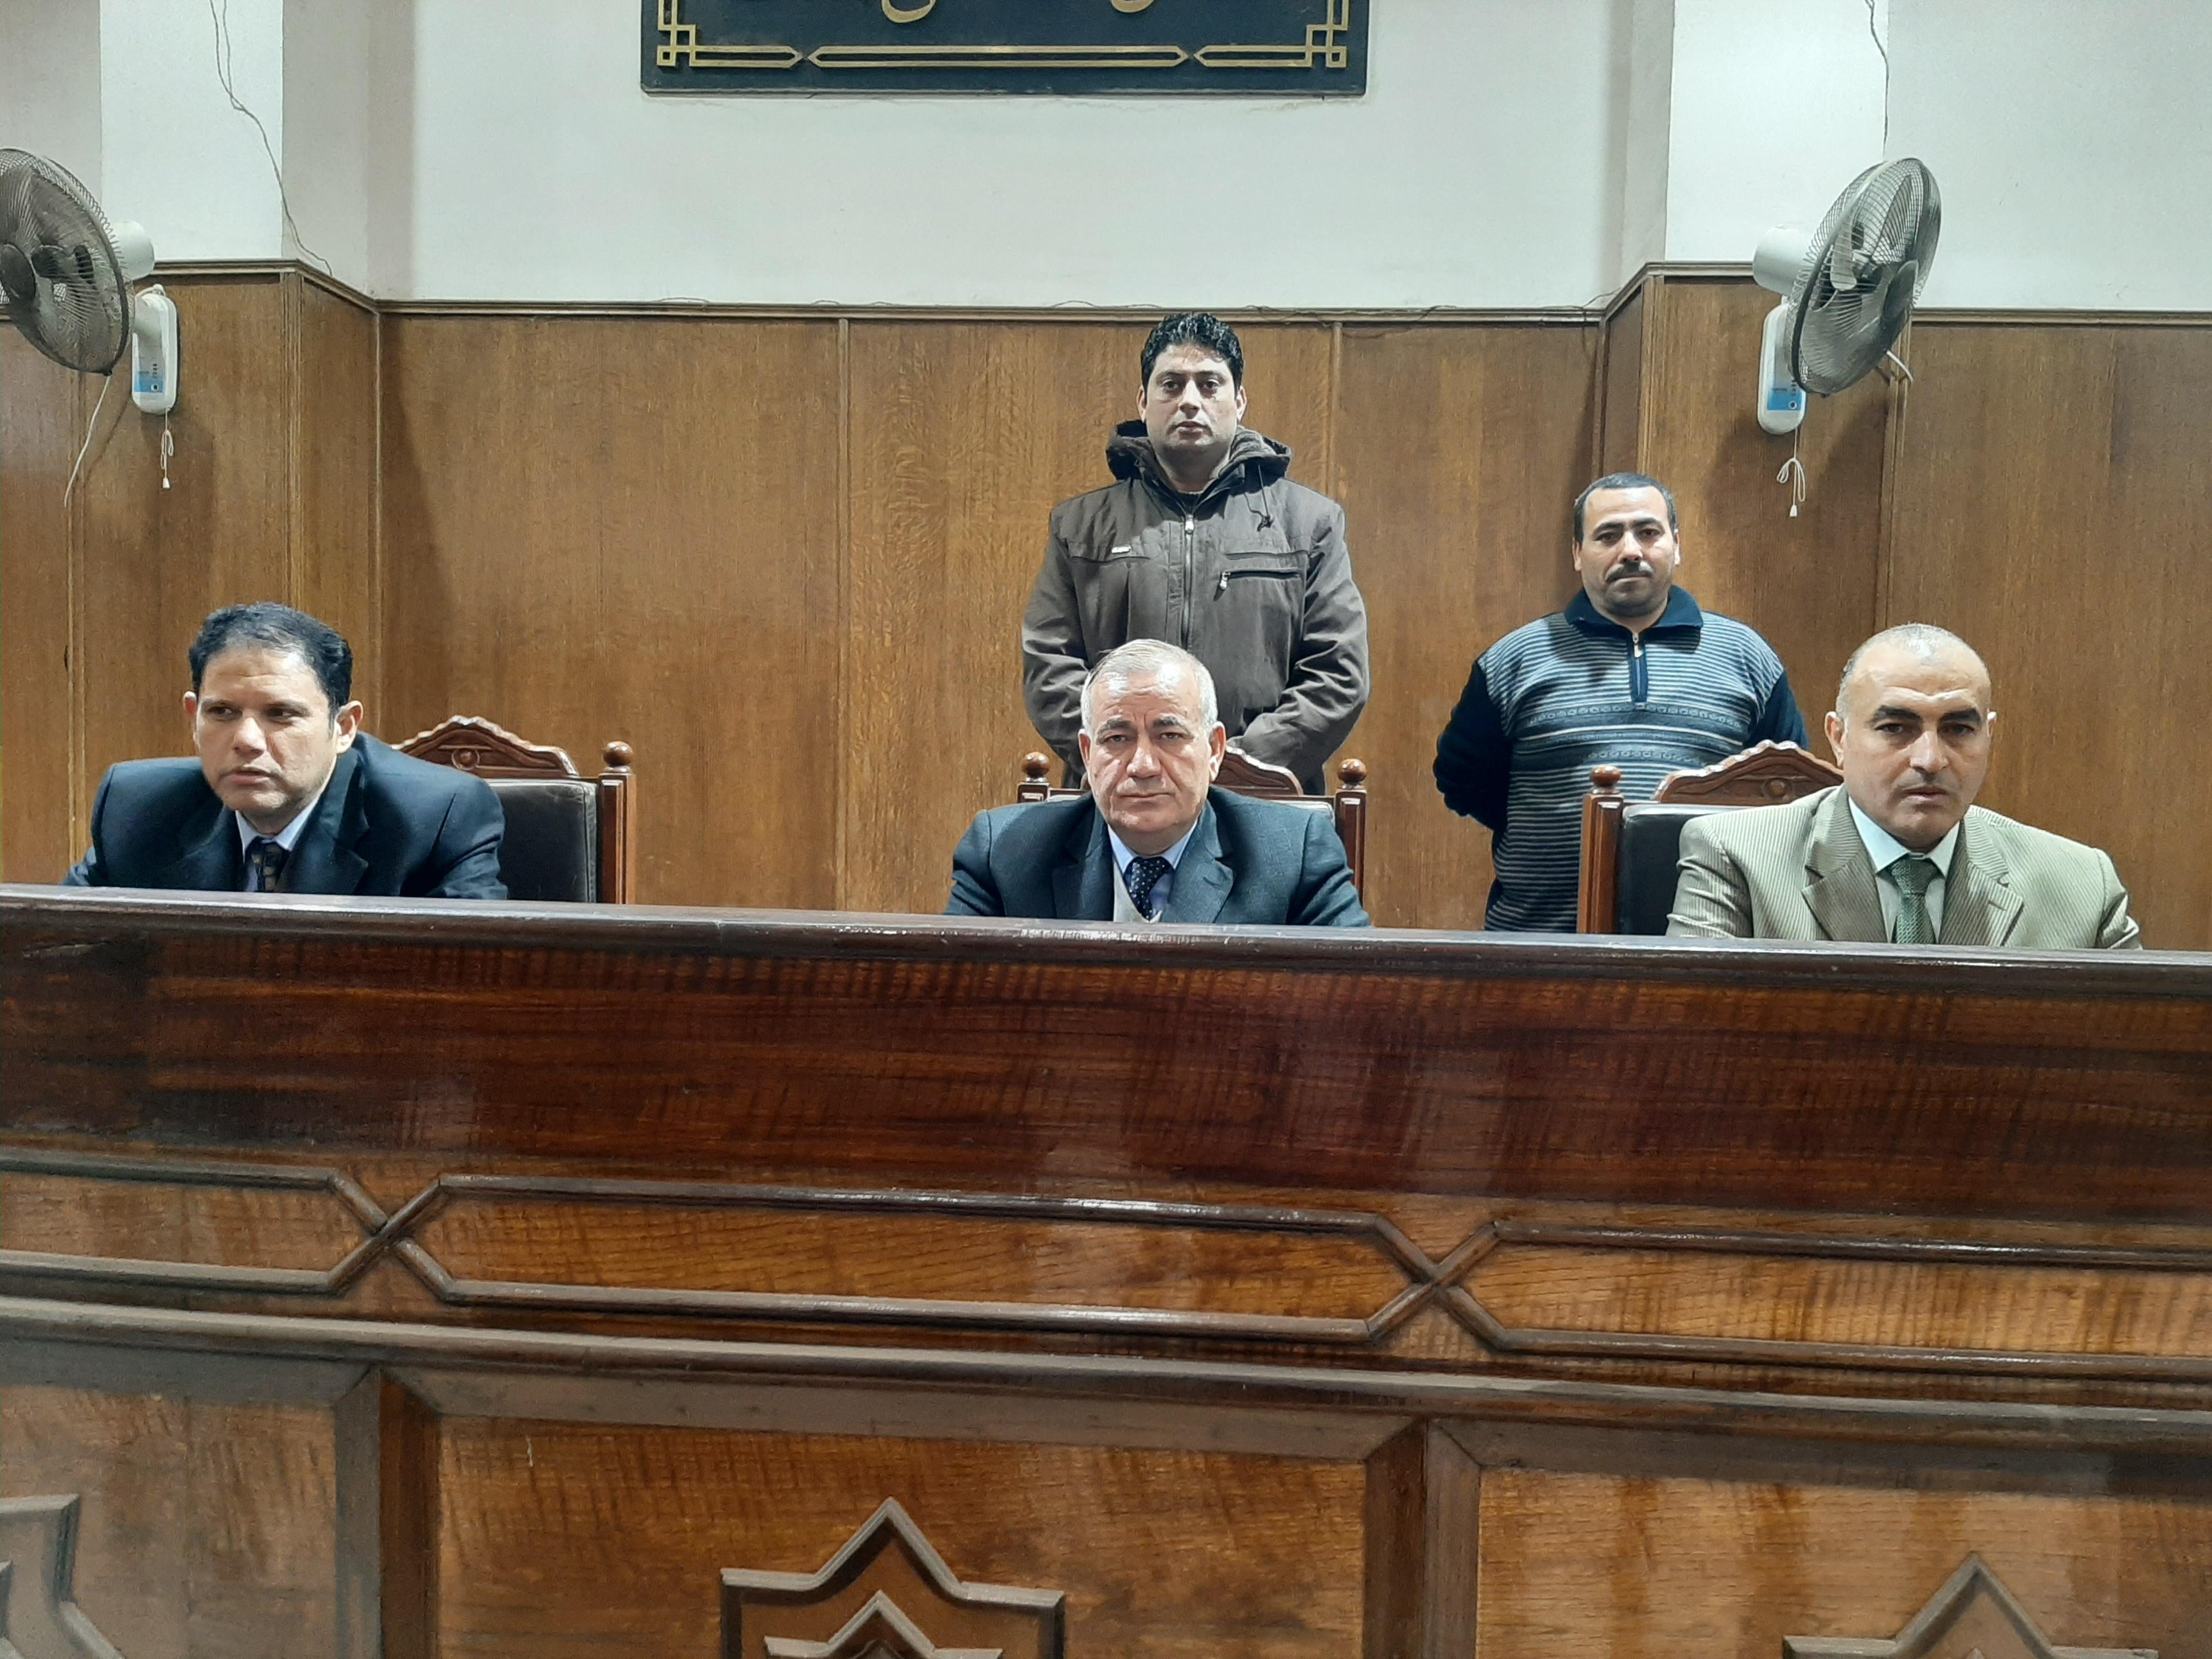 المستشار أحمد الجمل، رئيس محكمة جنايات الزقازيق